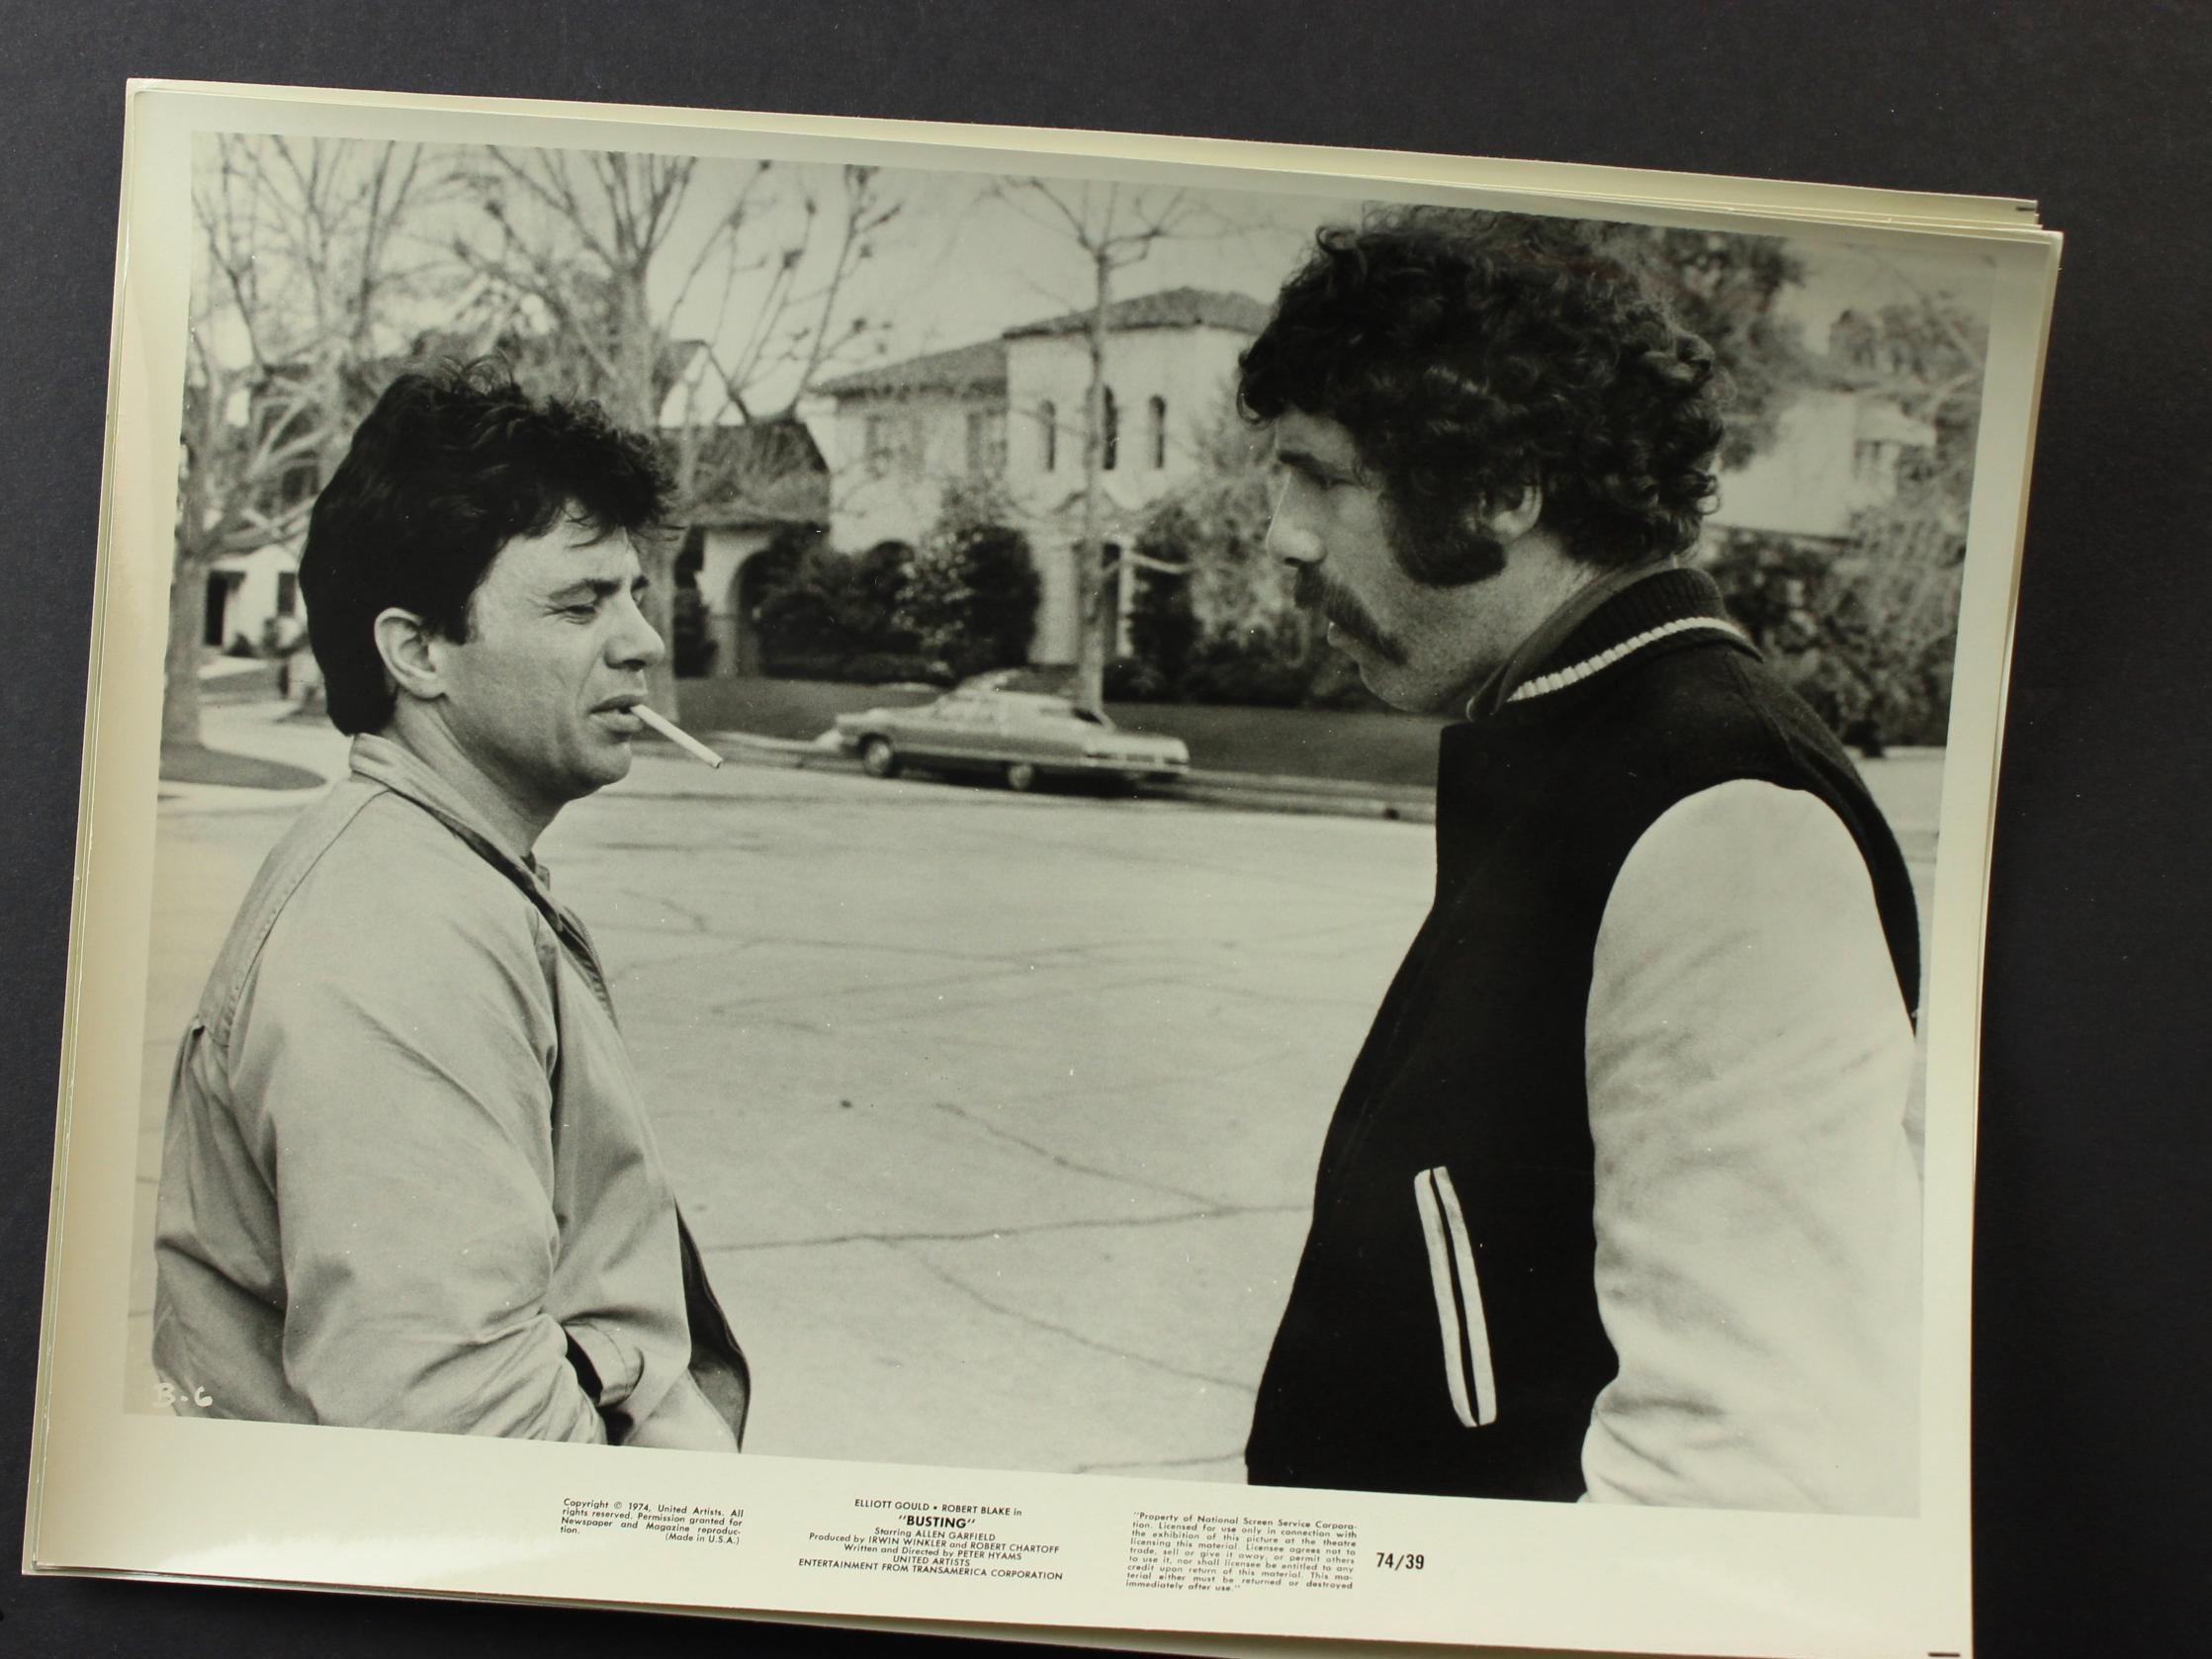 Elliott Gould and Robert Blake in Busting (1974)